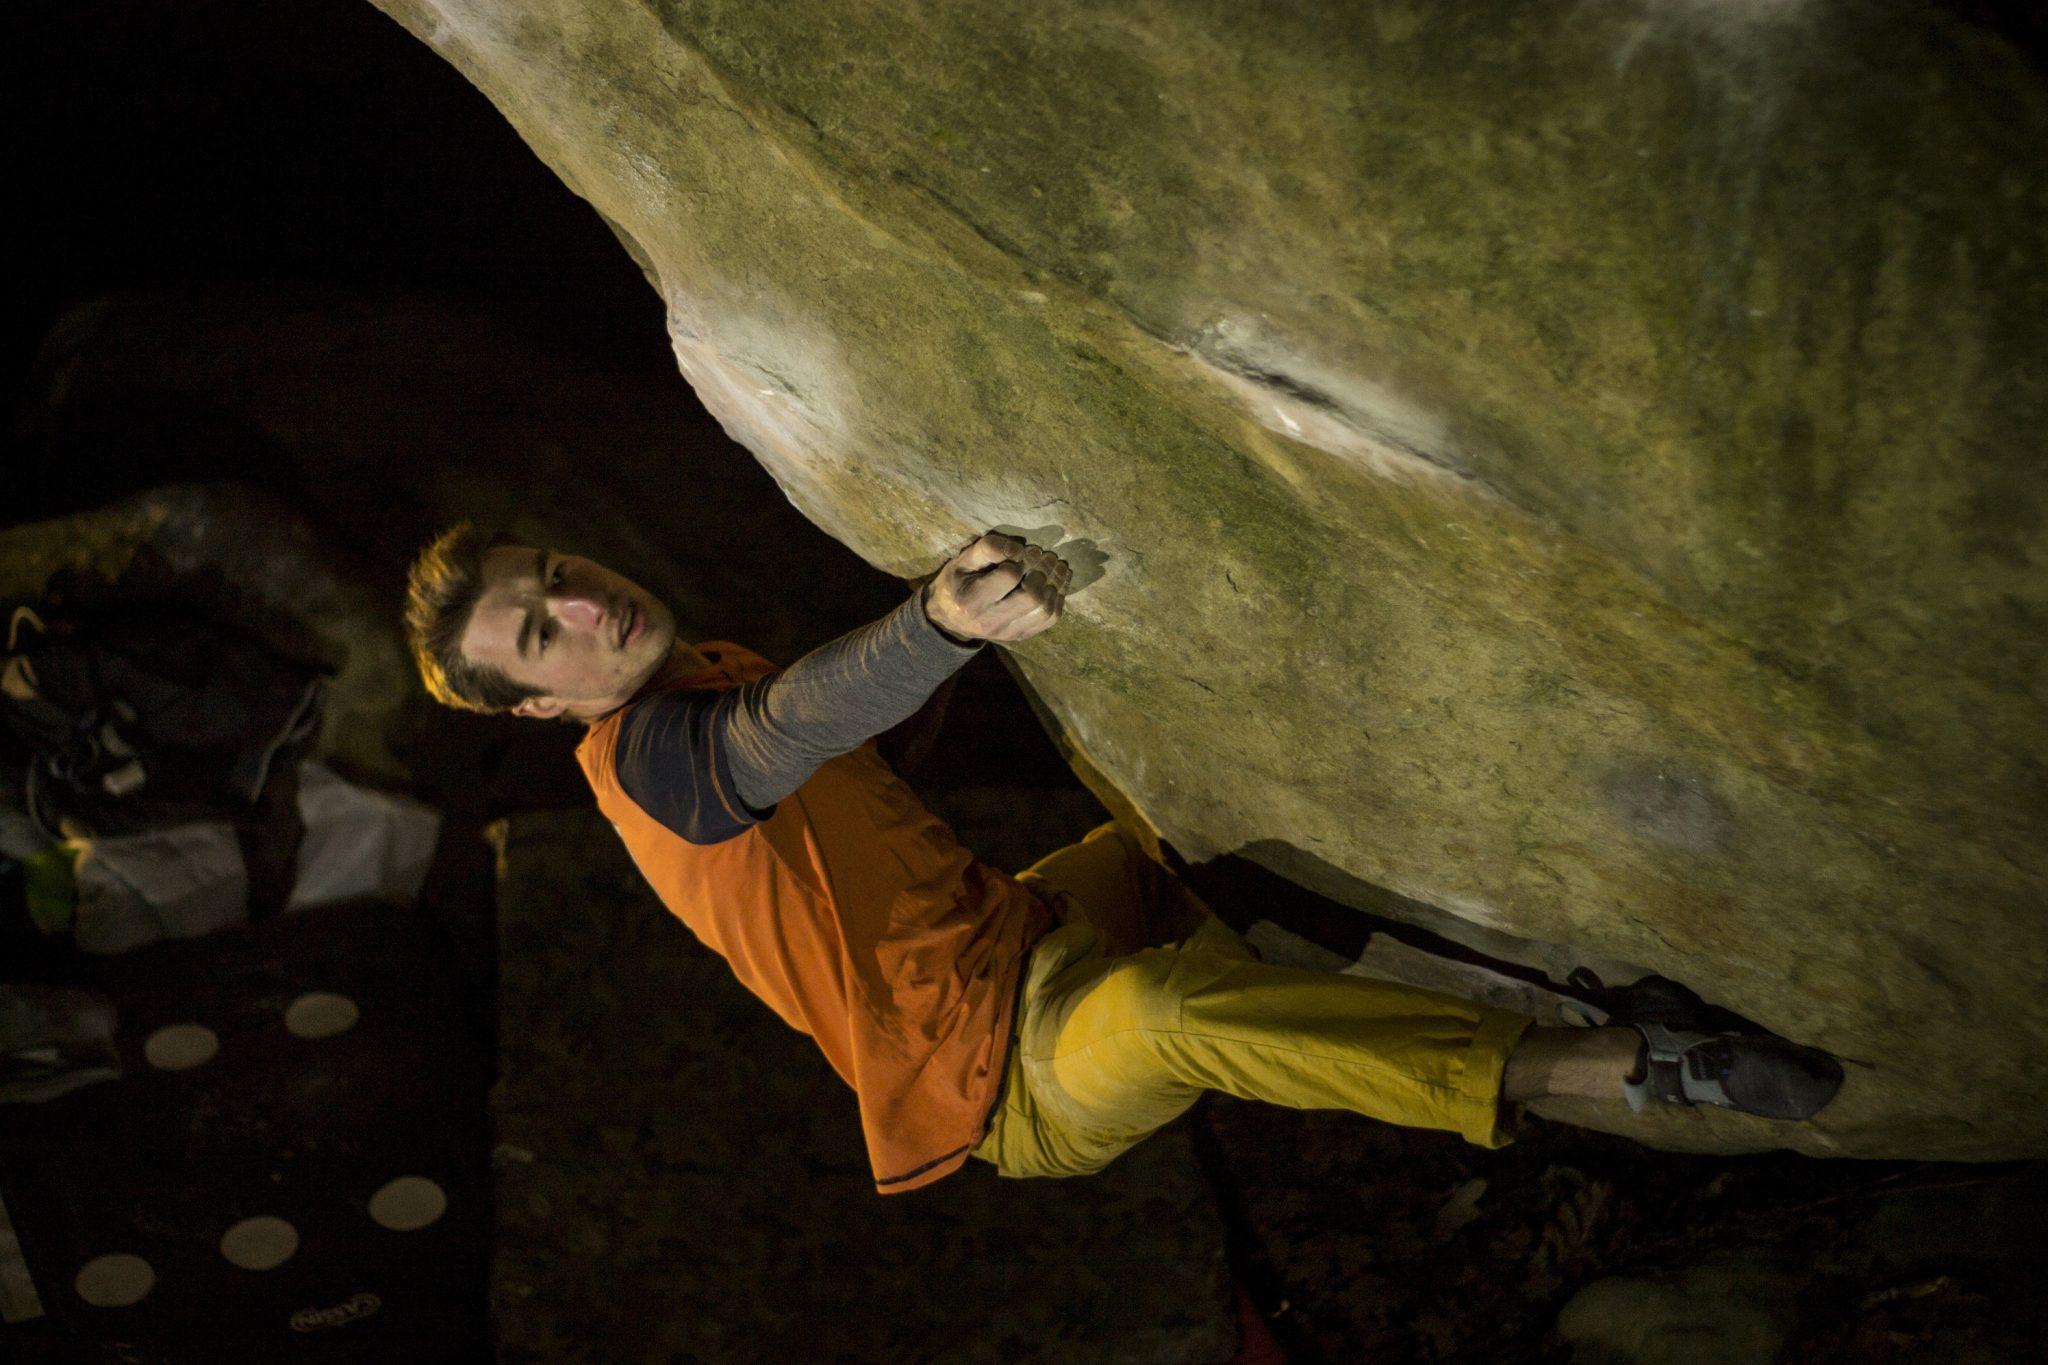 Simone Tentorri su Gecko assis 8B+ Fontainebleau